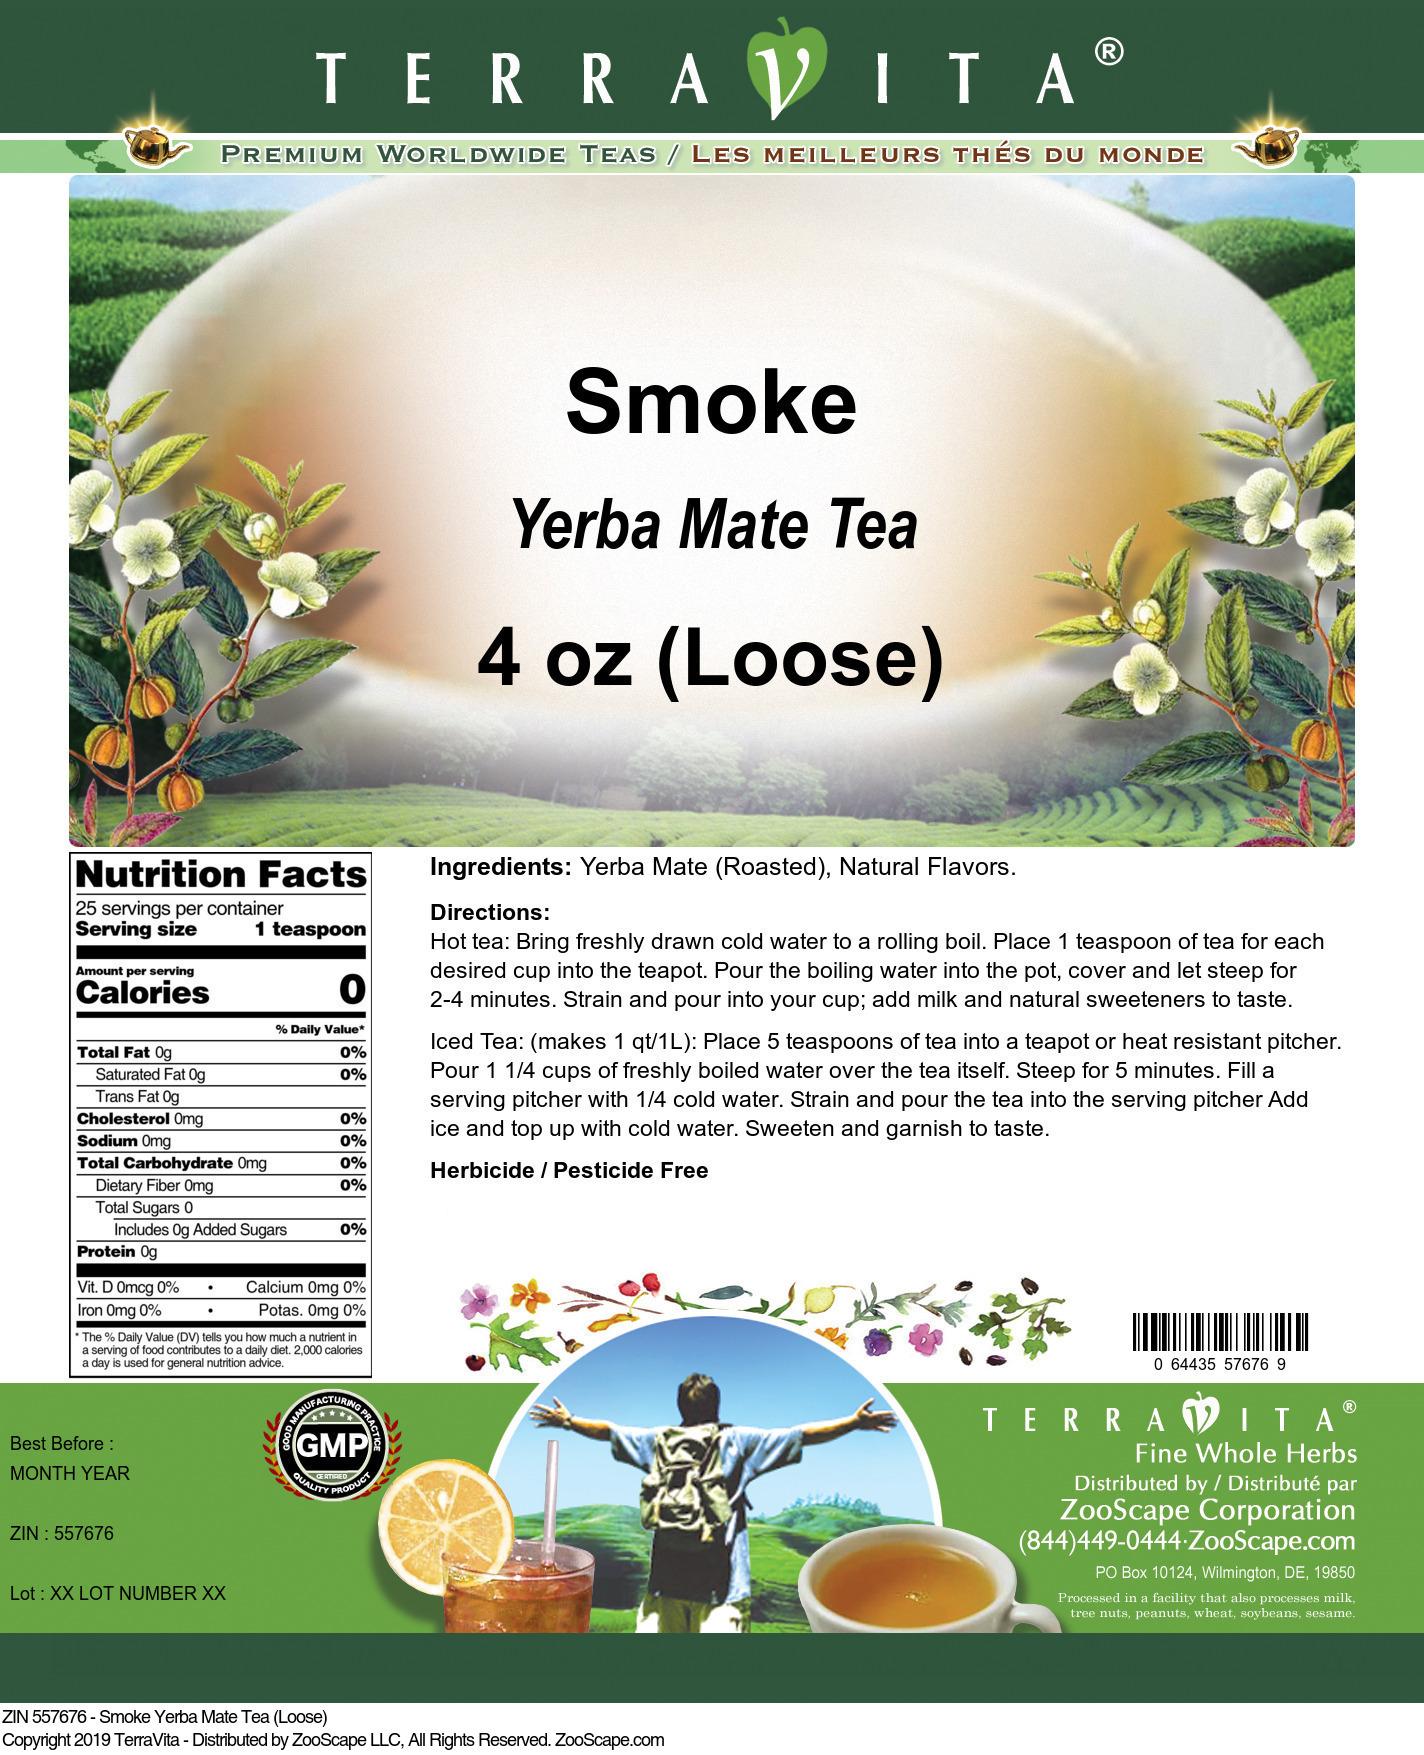 Smoke Yerba Mate